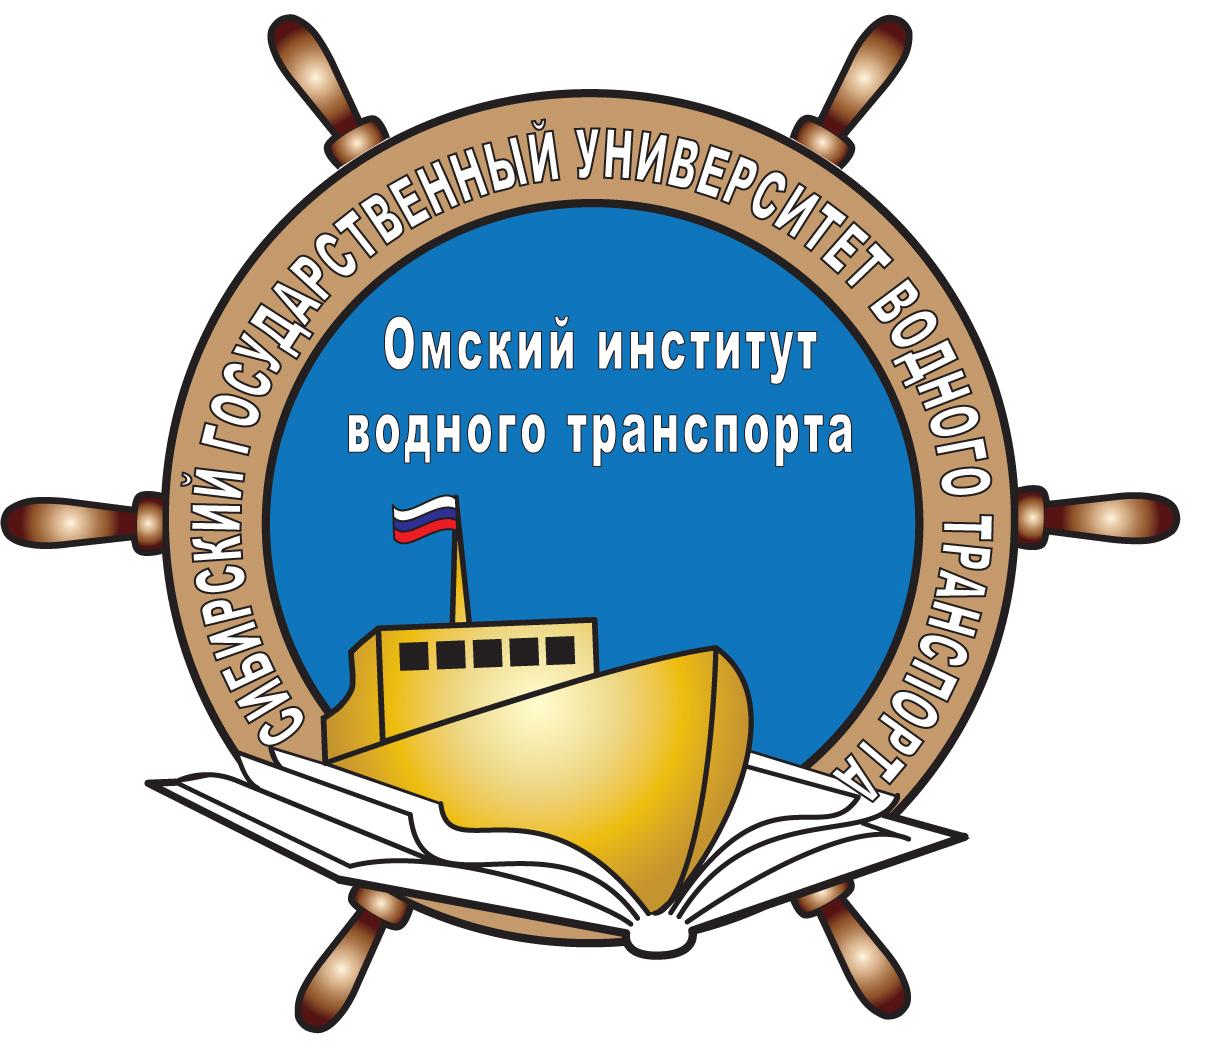 Омский институт водного транспорта, филиал СГУВТ